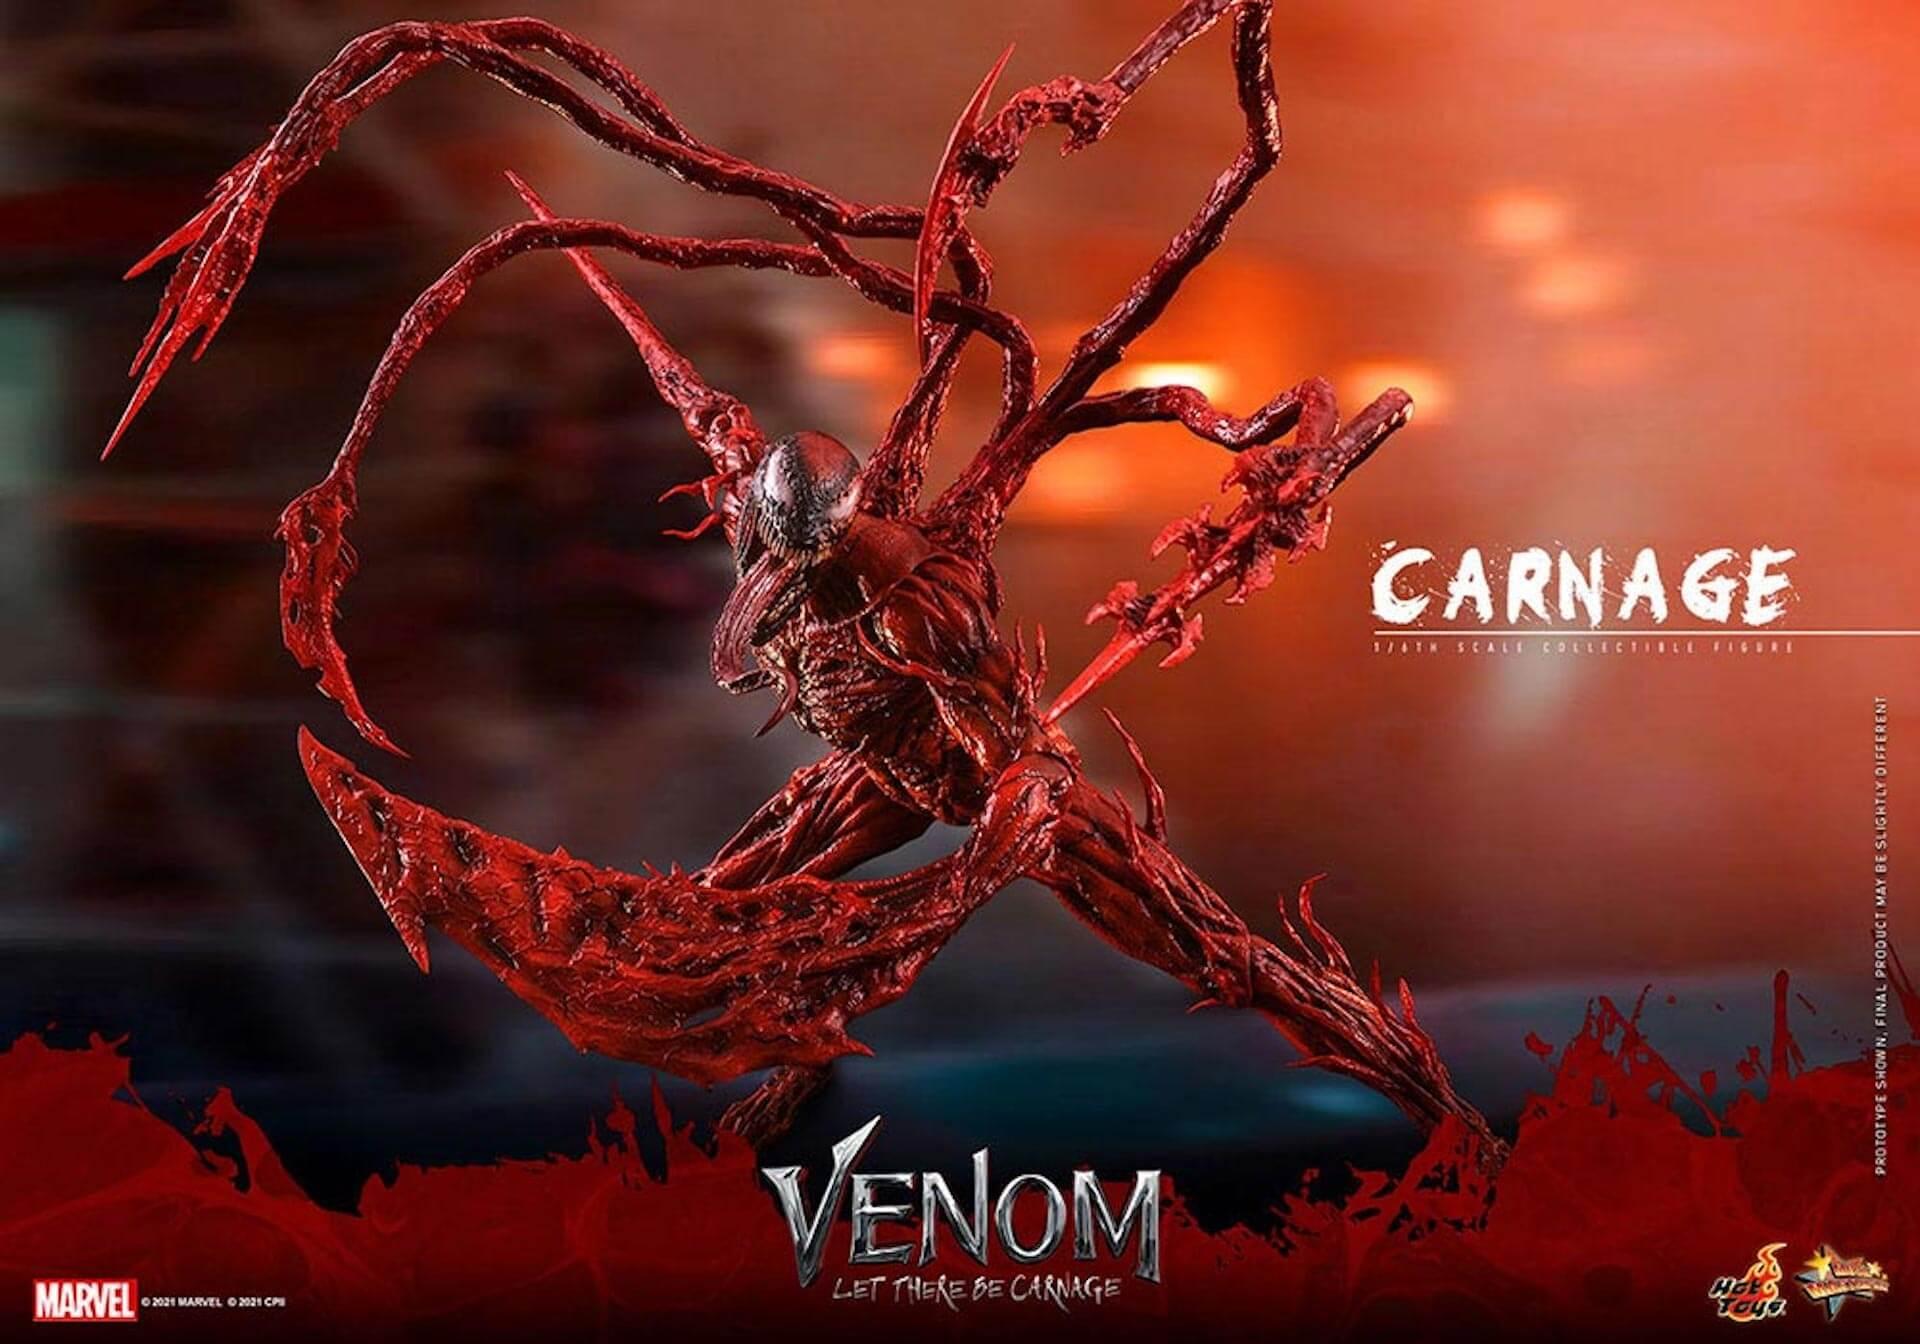 全米大ヒット中の『ヴェノム:レット・ゼア・ビー・カーネイジ』カーネイジがホットトイズでフィギュア化! art211007_venom_carnage_hottoys_9